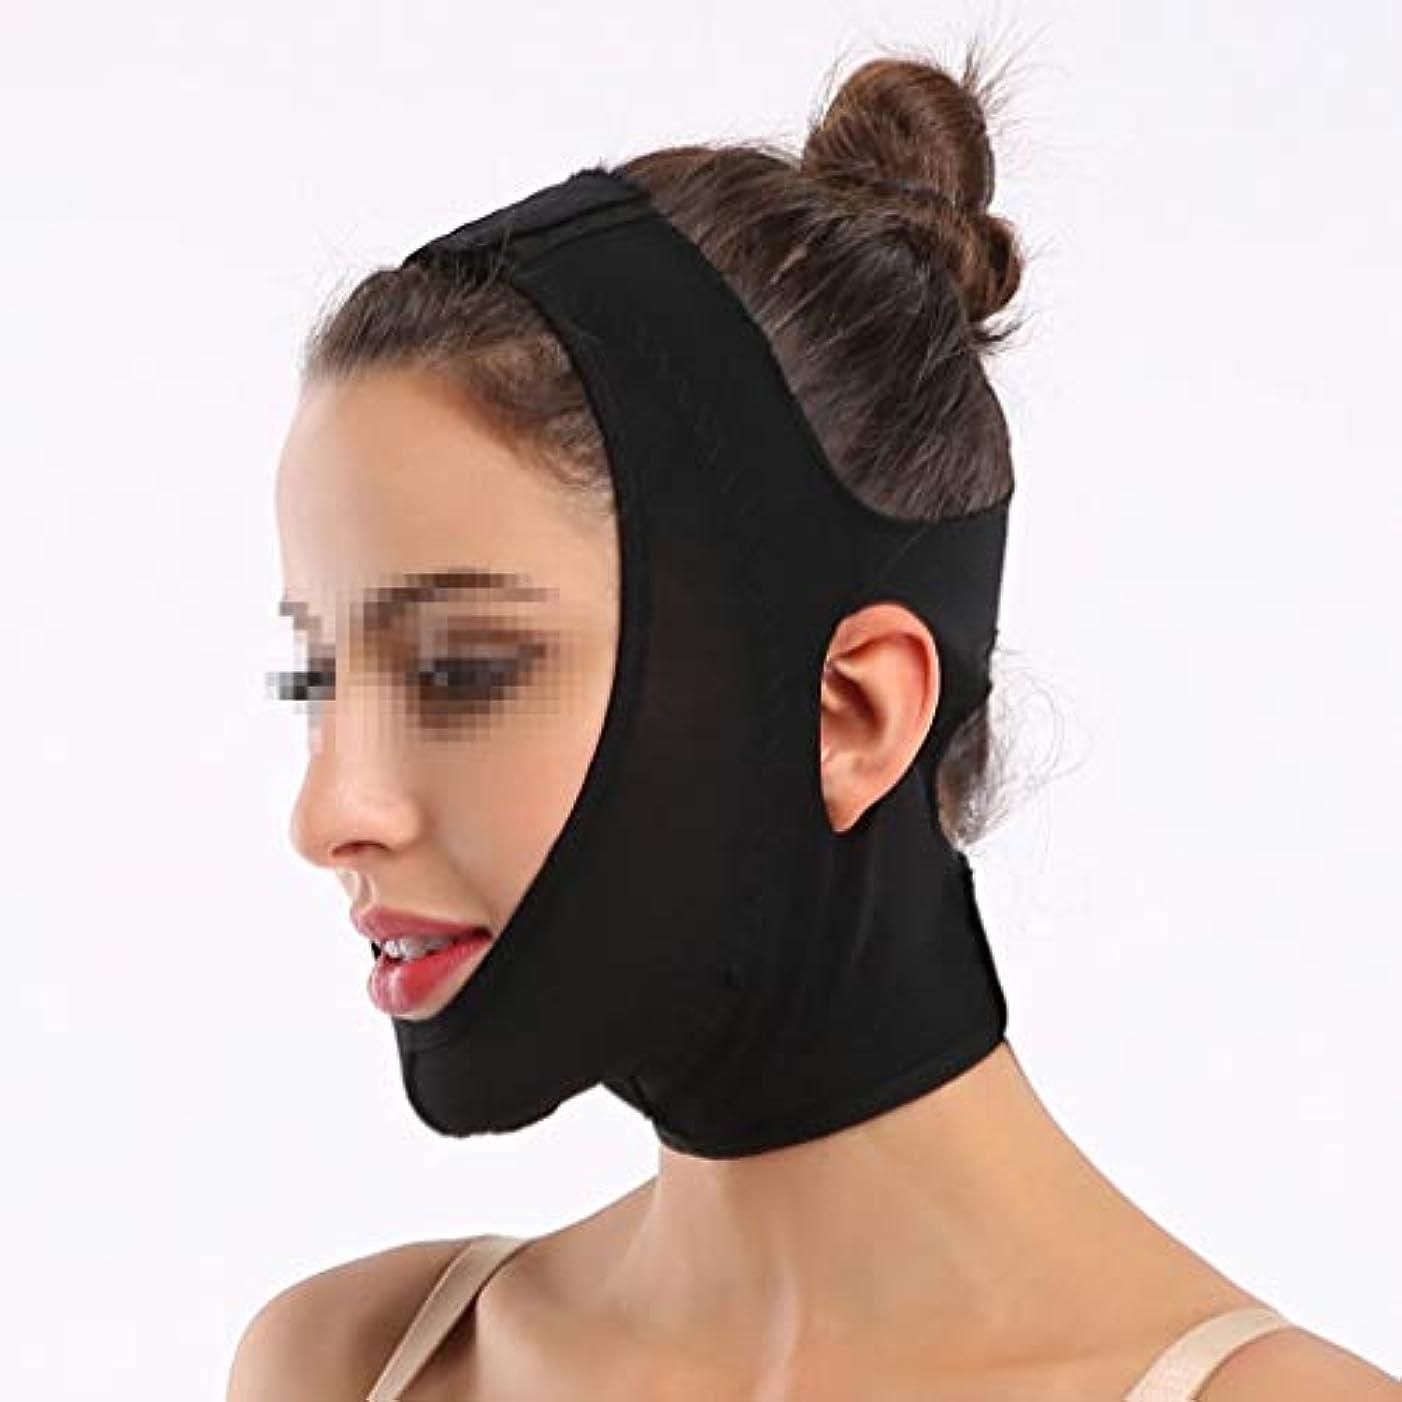 改革支配する東Vフェイスマスク、包帯マスクを持ち上げて引き締めるスキニービューティーサロン1日2時間Vフェイスマッサージ術後回復